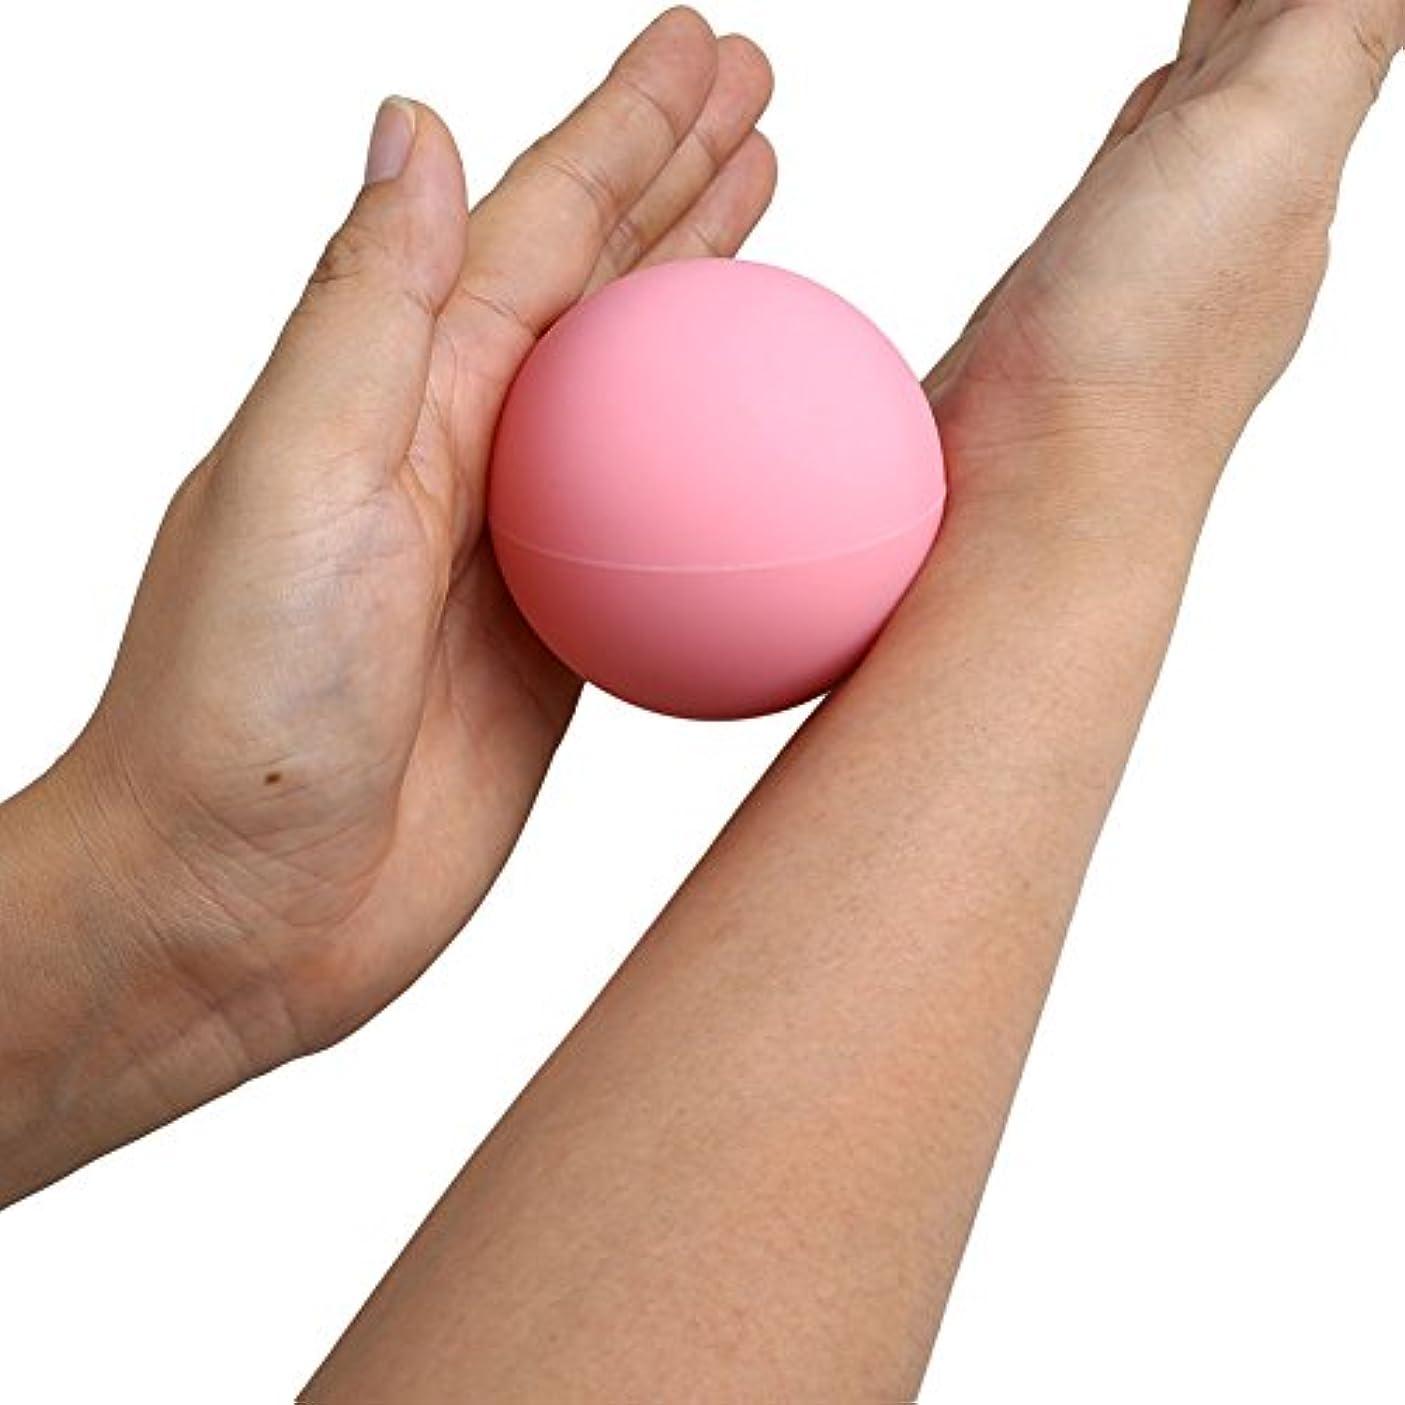 国旗関係ない消すAuntwhale ラクロスマッサージボール 毎日のためにジムヨガ 筋筋膜トリガーポイント リリース